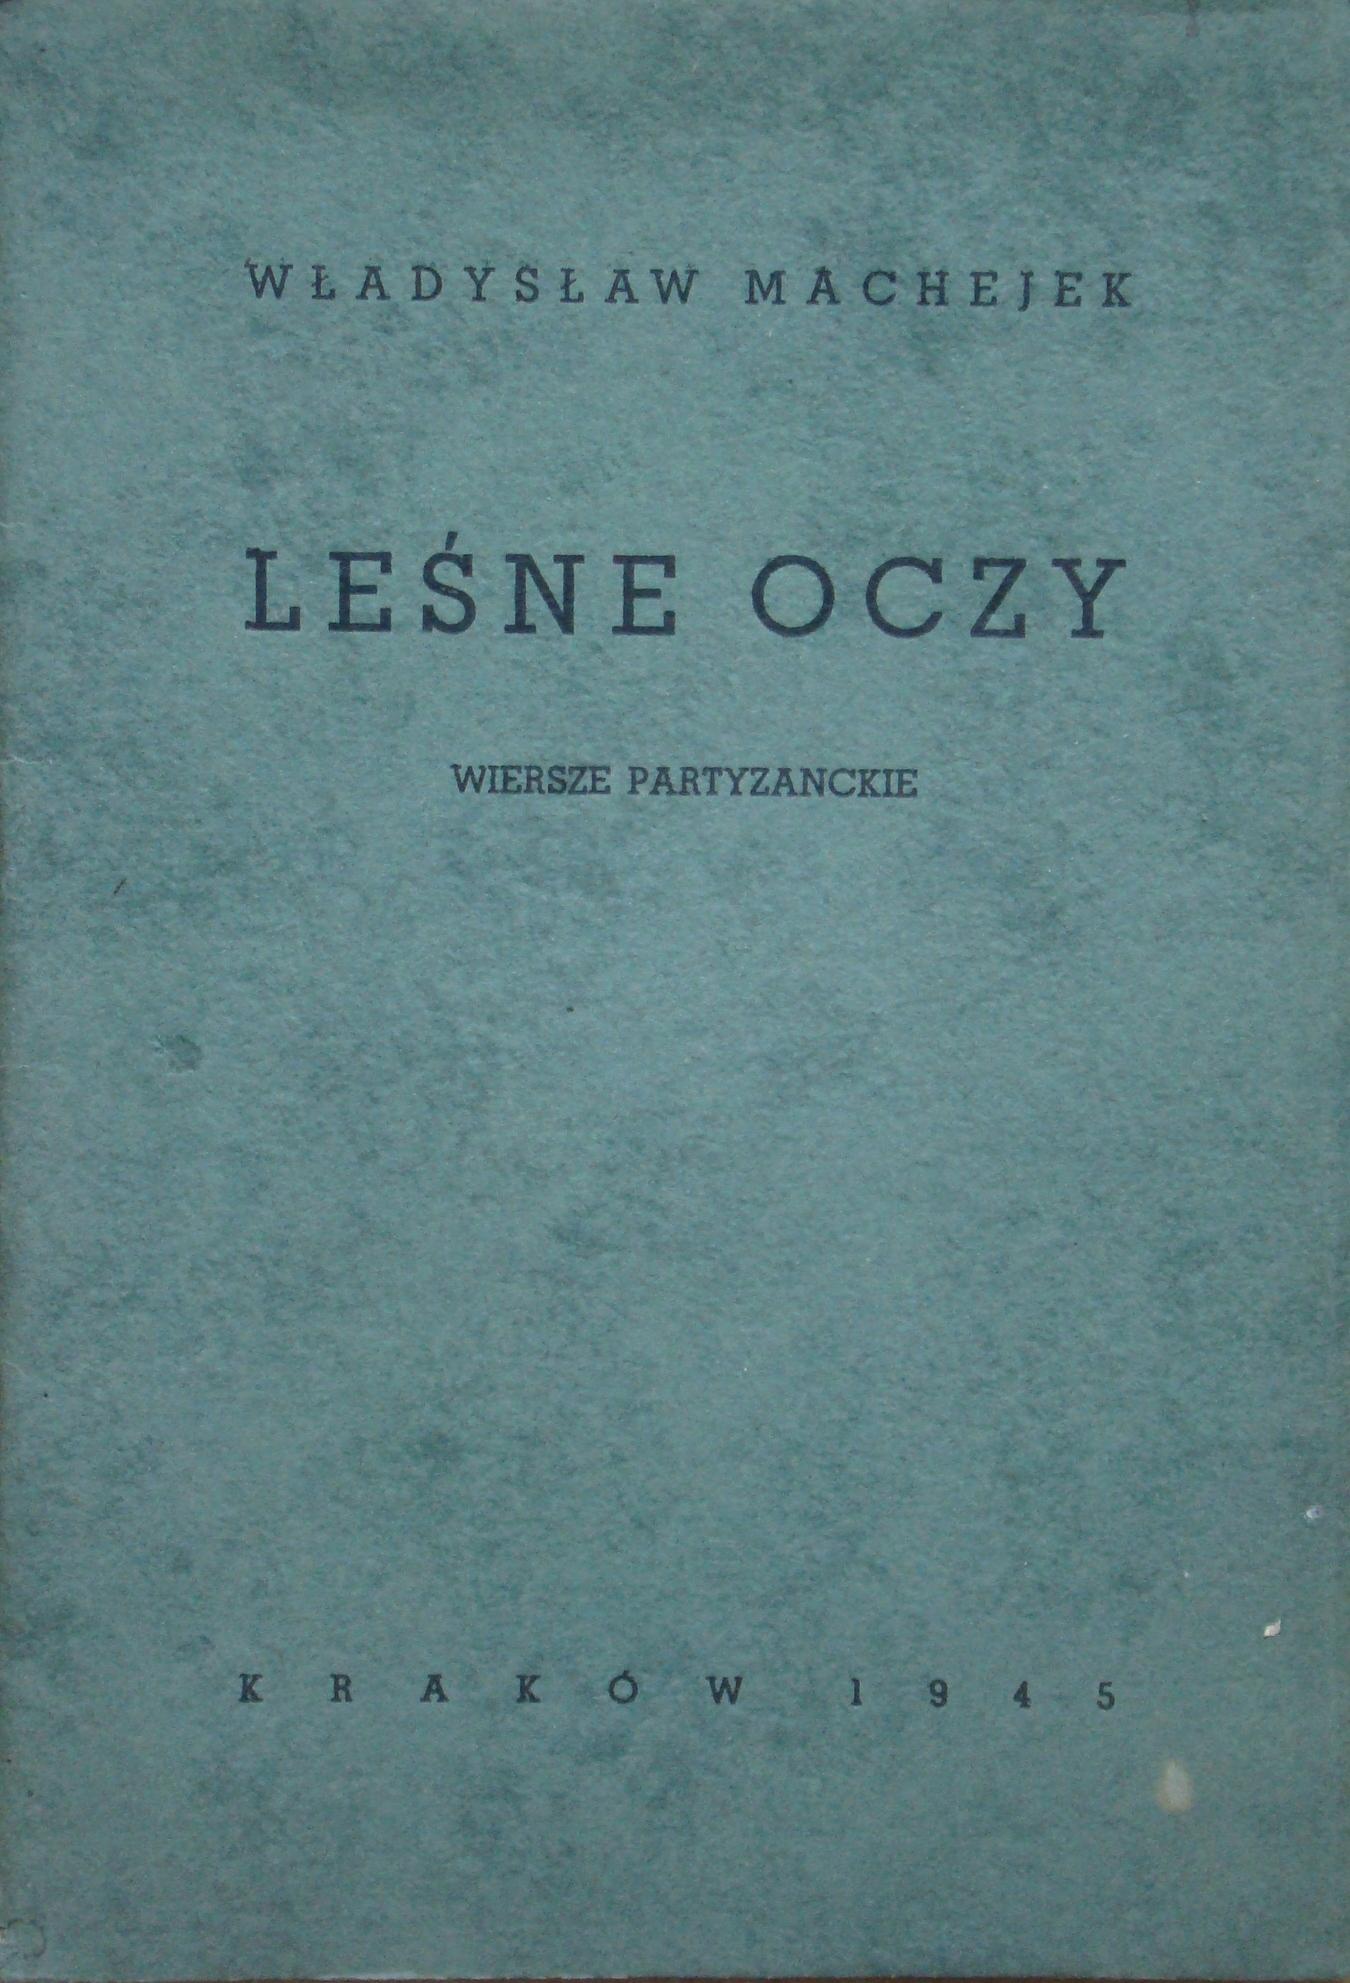 Władysław Machejek Leśne Oczy Wiersze Partyzanckie